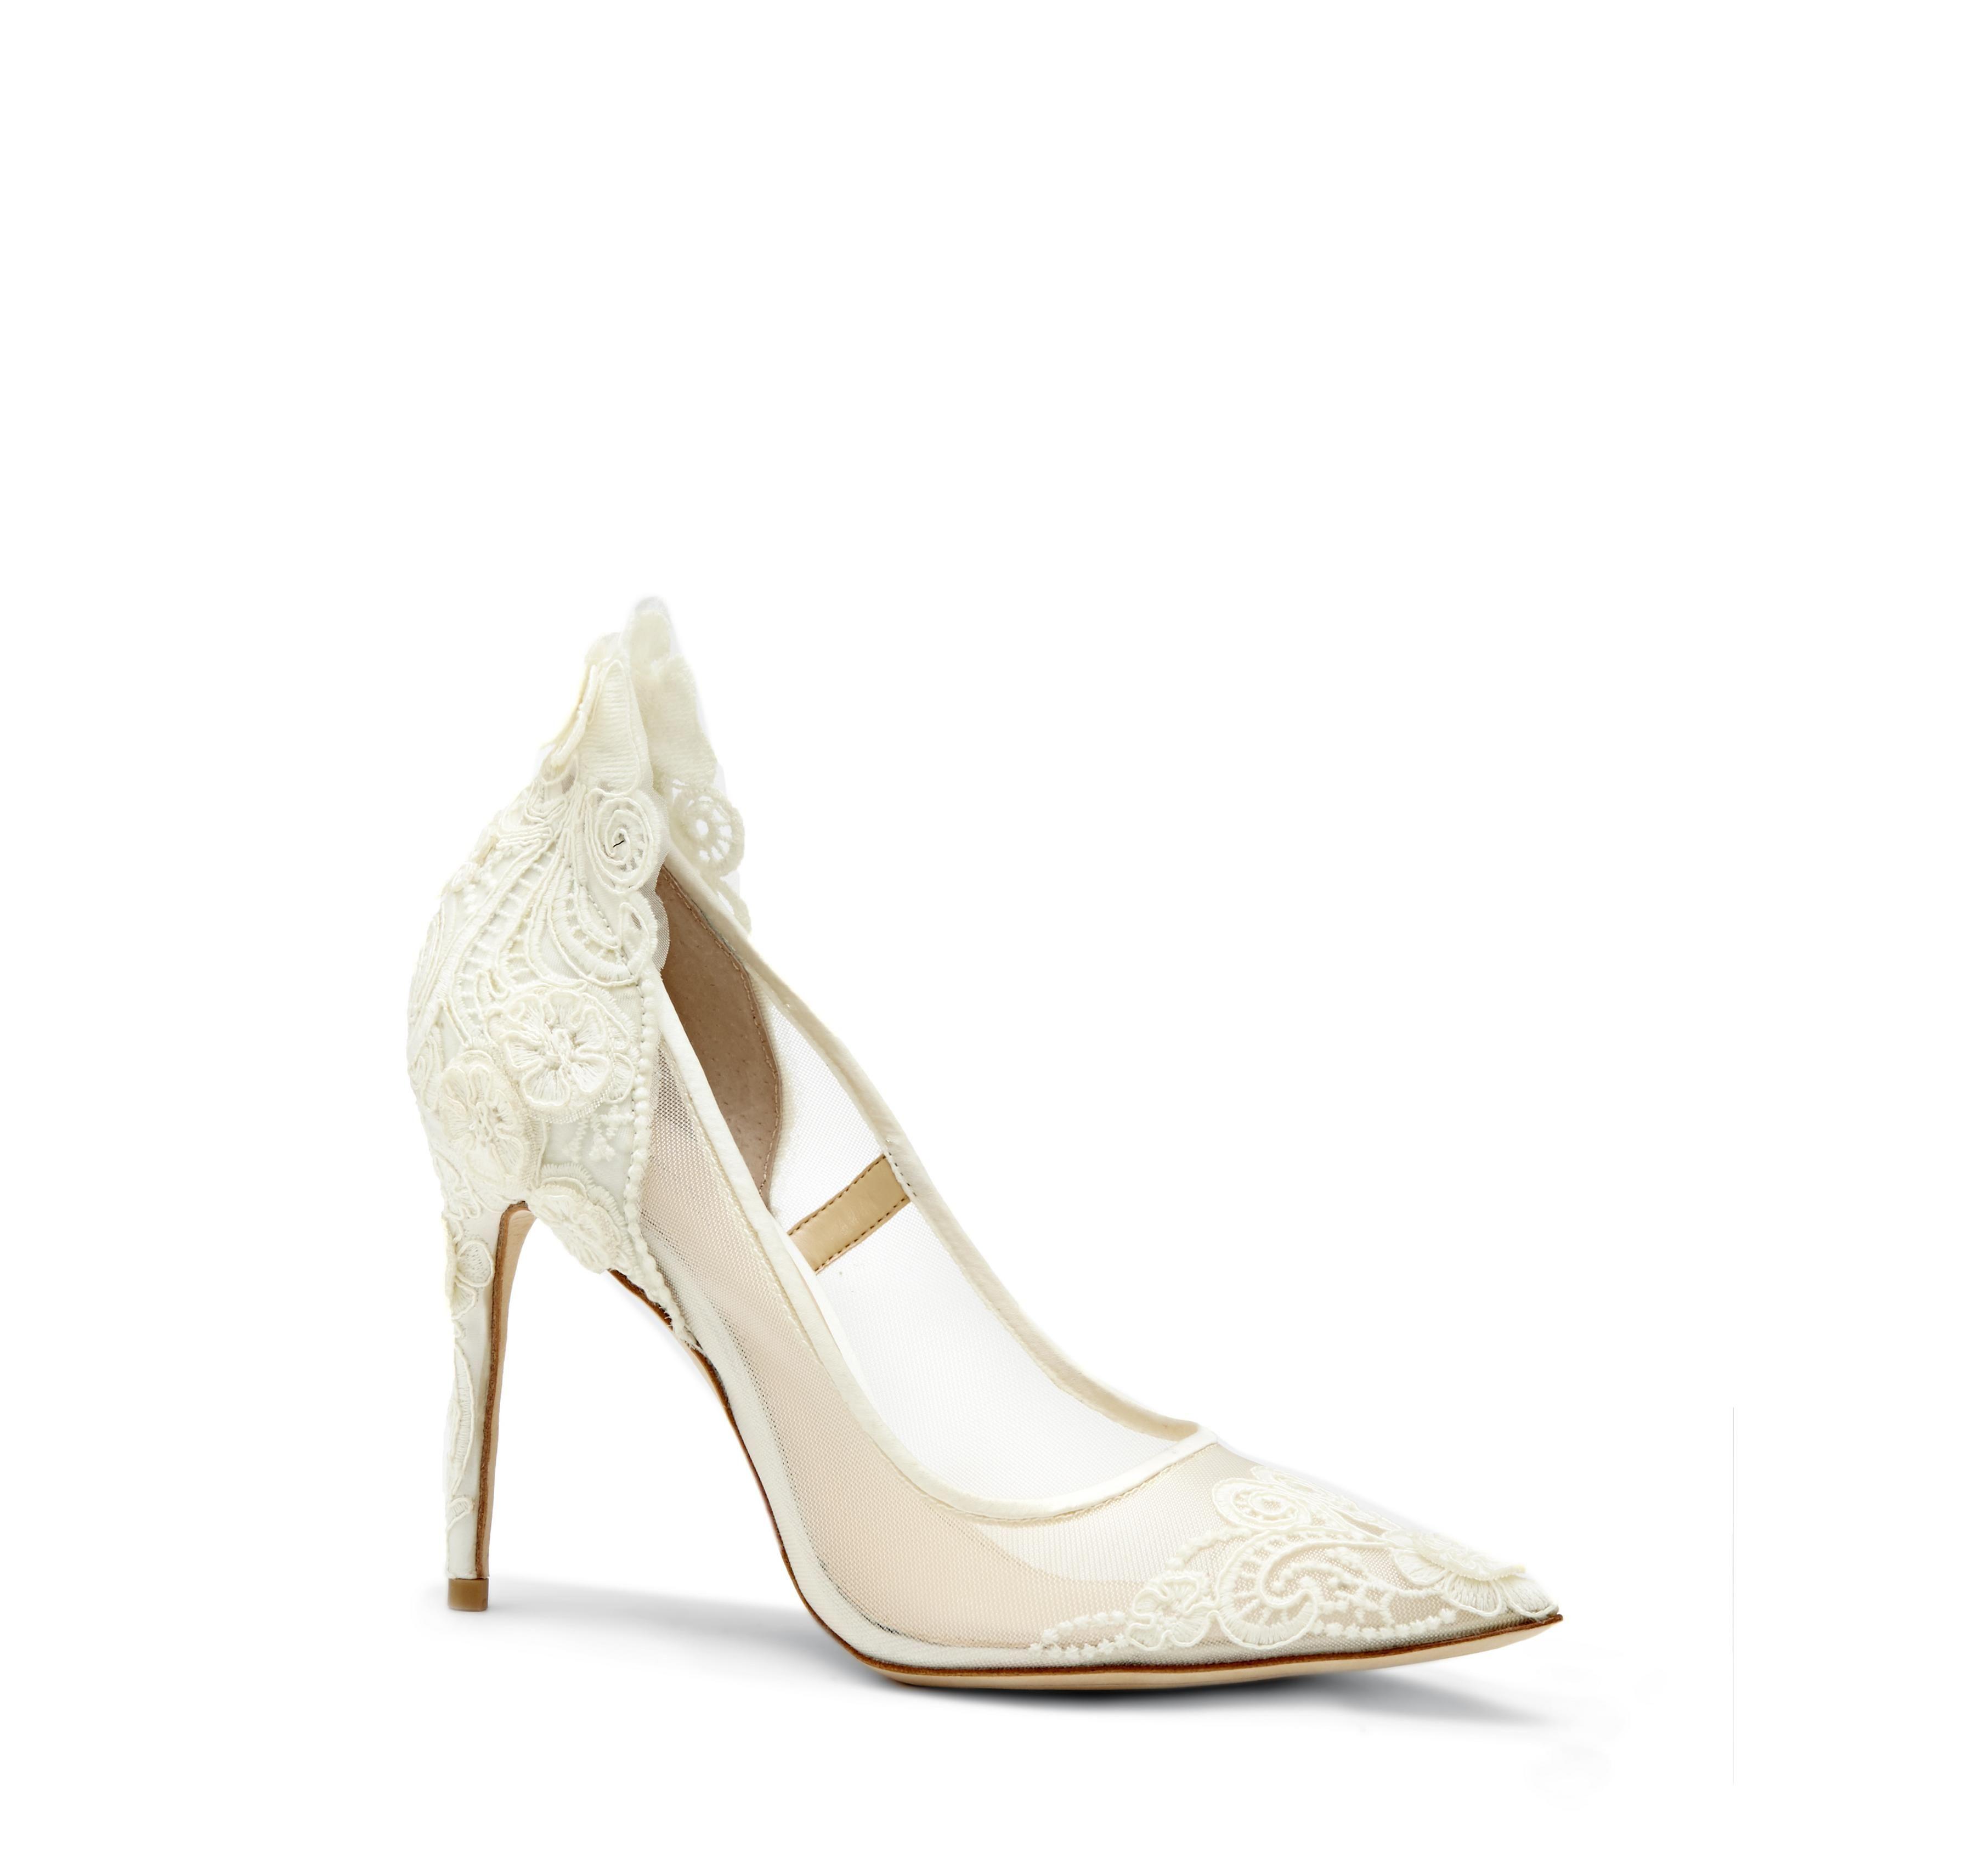 Imagine Ophelia Lace Appliqued Pump Fancy Shoes Wedding Shoes Pumps